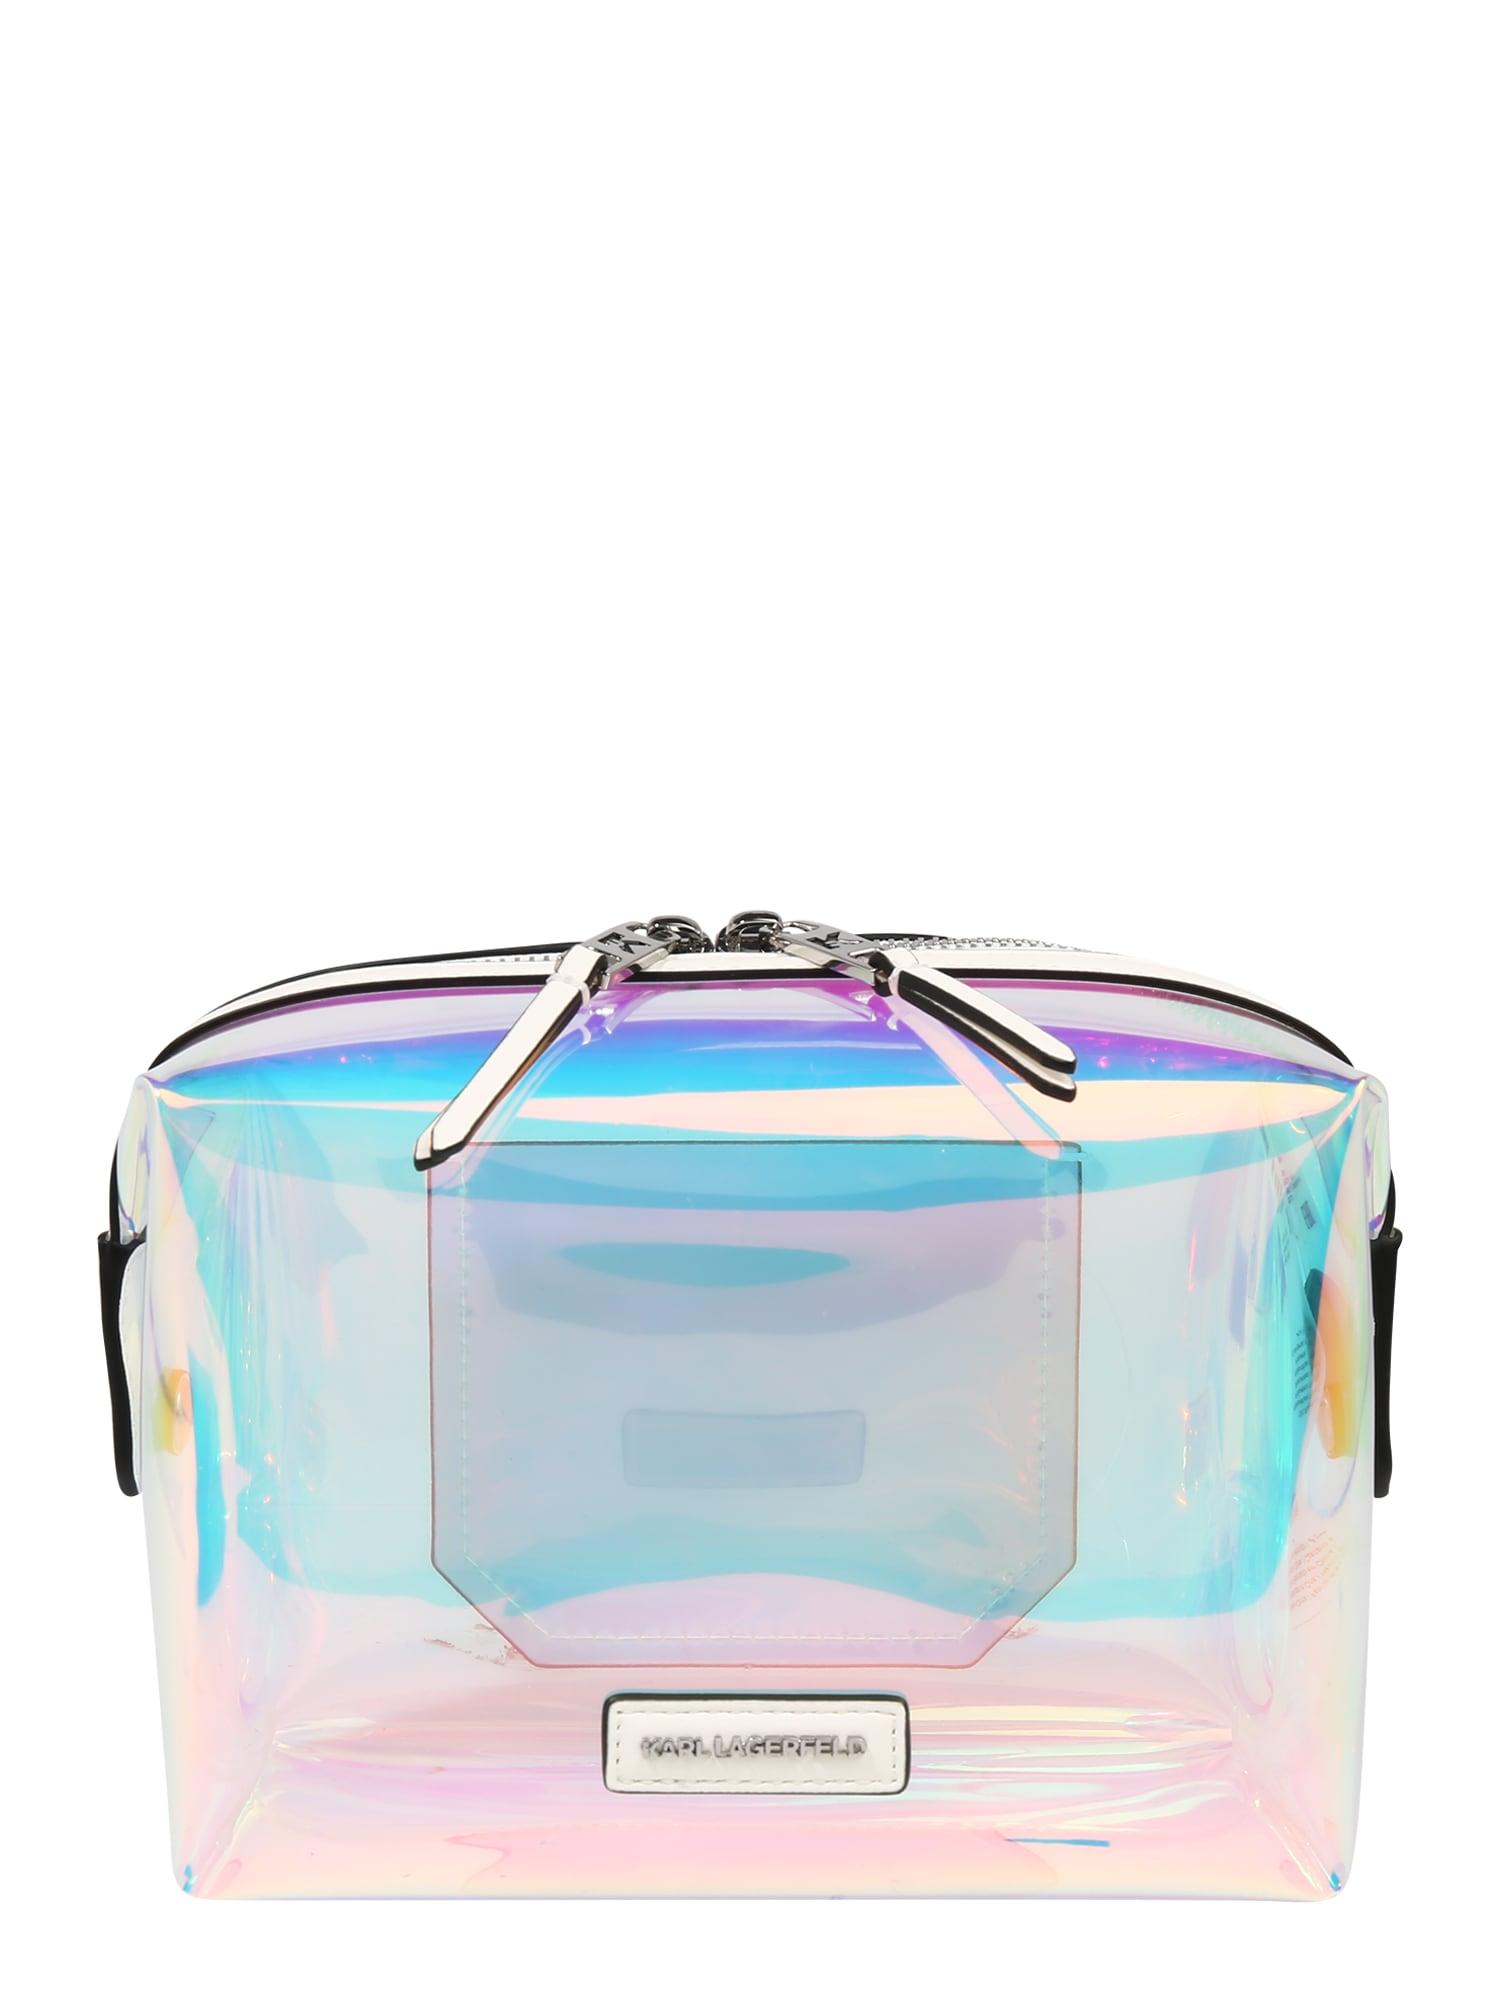 Karl Lagerfeld Tuoleto reikmenų krepšys mišrios spalvos